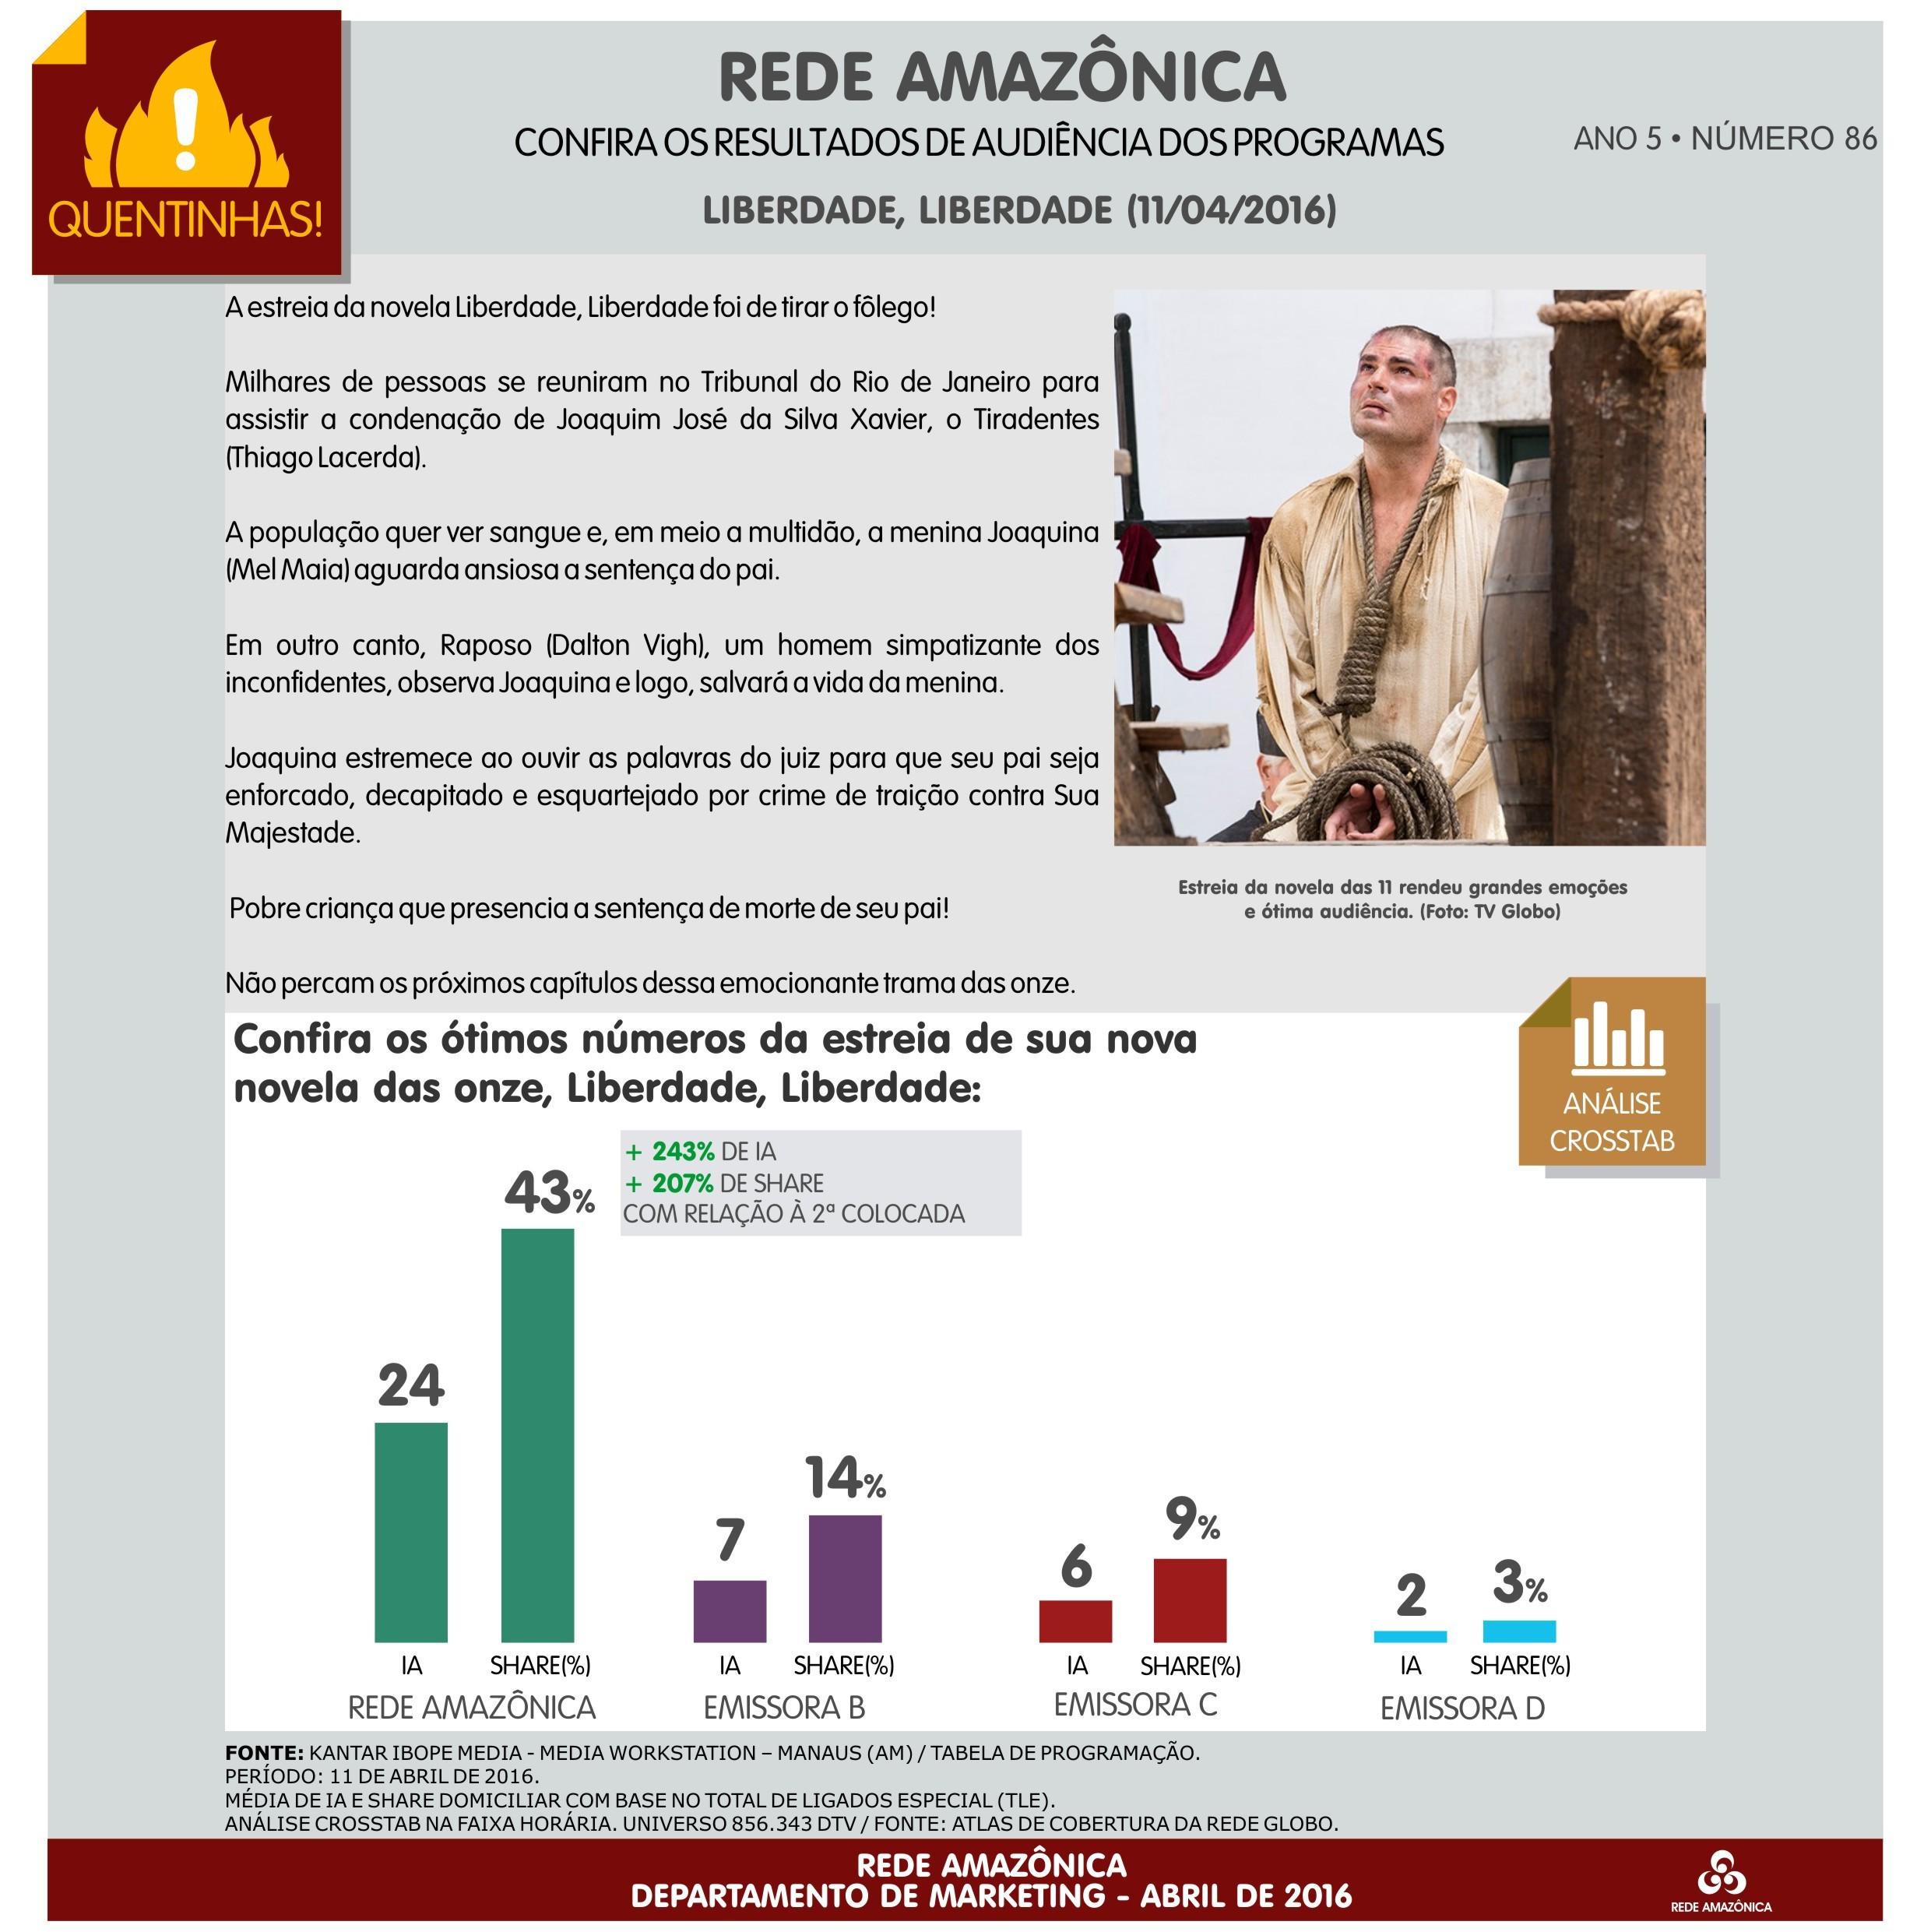 Rede Amazônica: confira o resultado da audiência de Liberdade, Liberdade (Foto: Marketing/Rede Amazônica)